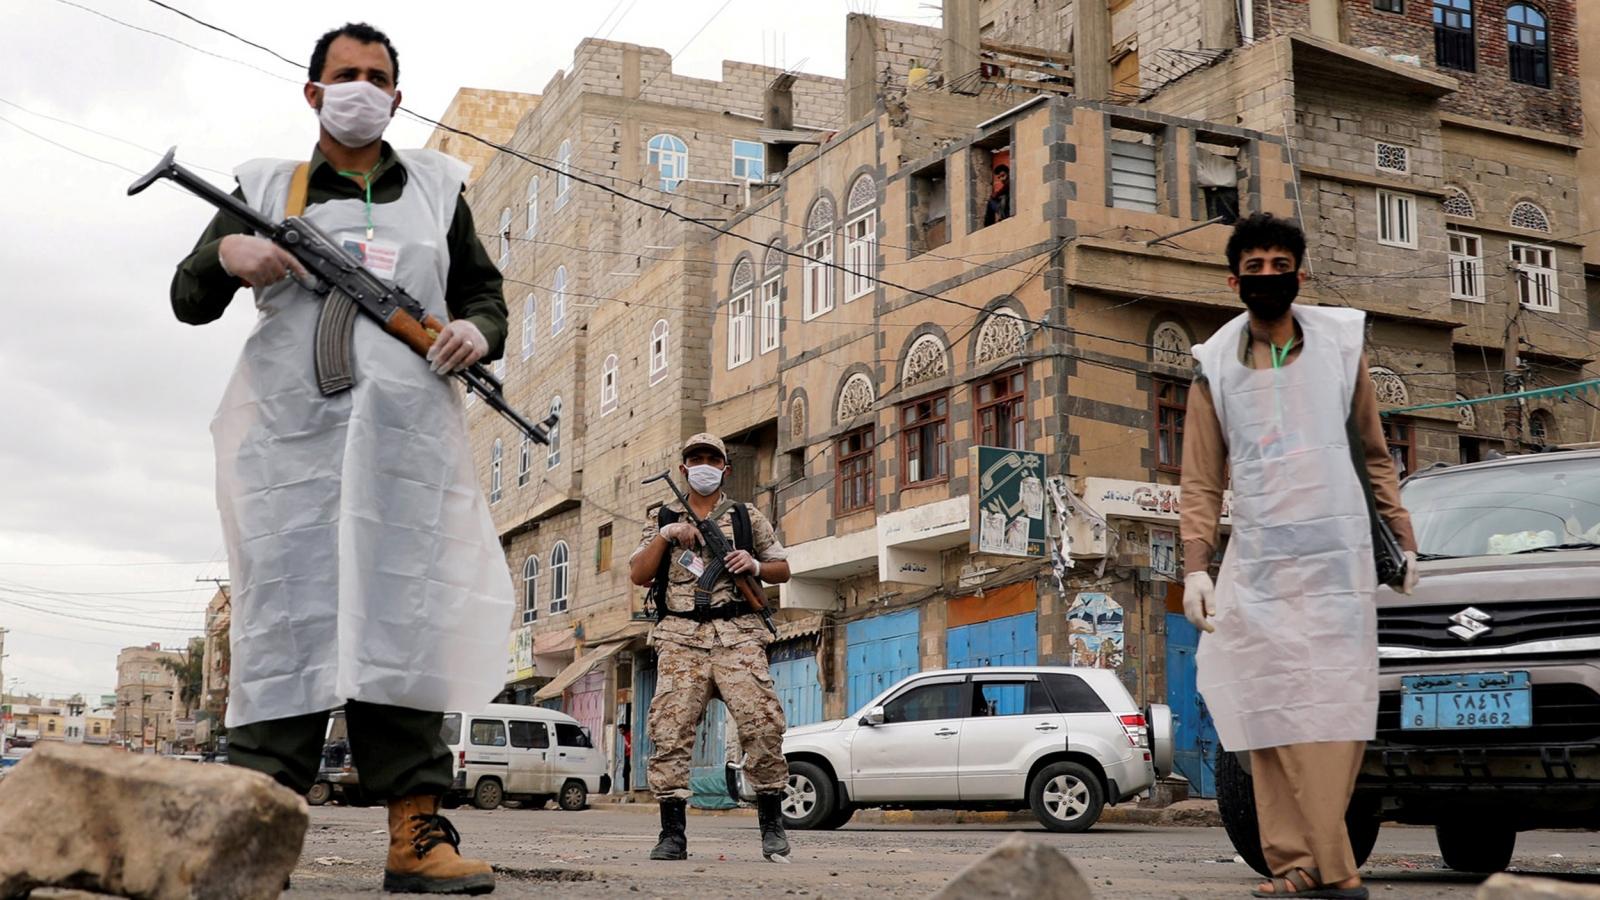 Ban bố tình trạng khẩn cấp y tế, Yemen nhận lô vaccine COVID-19 đầu tiên